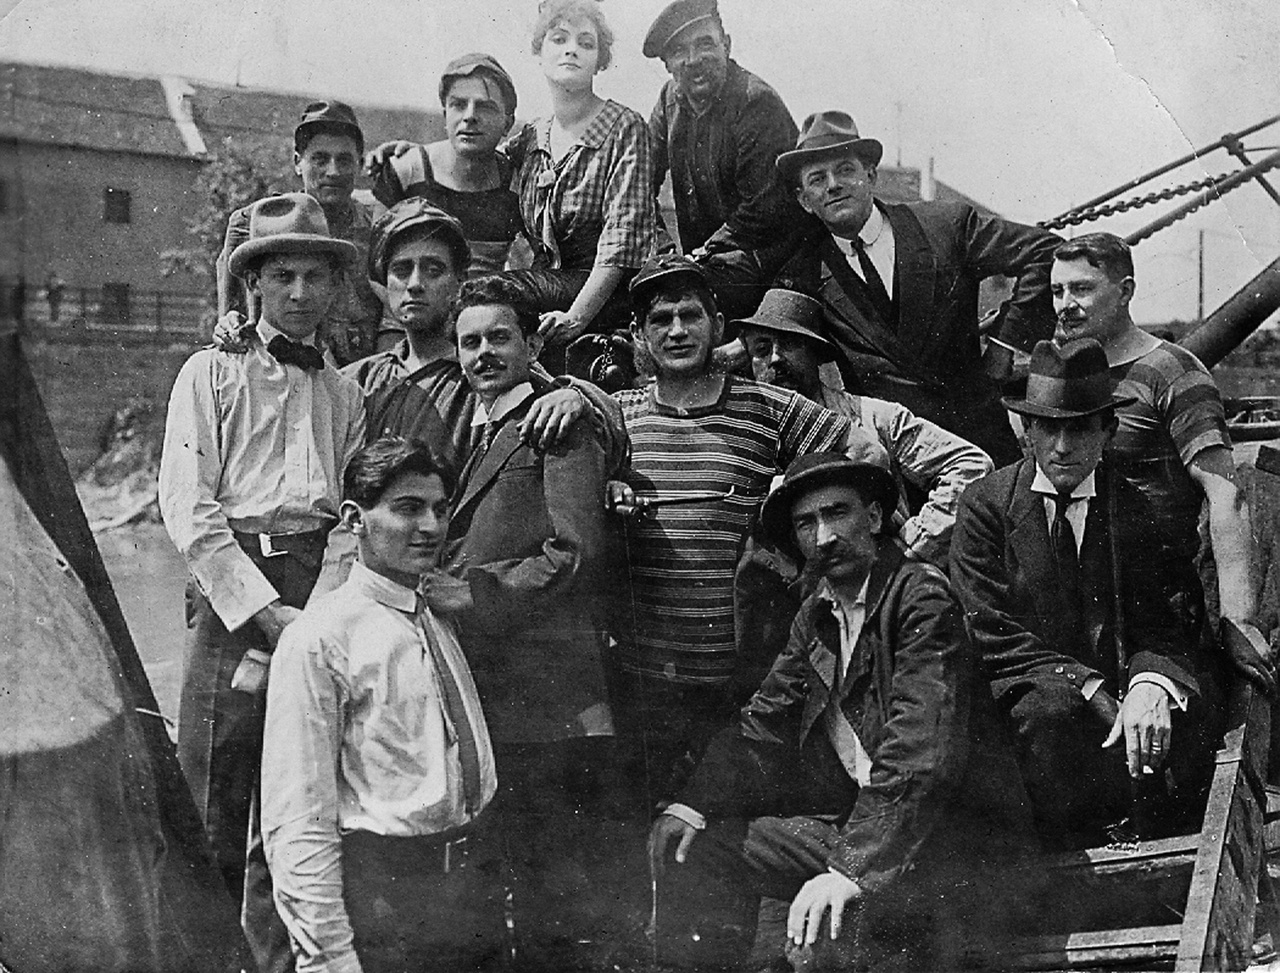 Valahol itt kezdődik a filmgyár története ennél a 100 éves fényképnél. 1917 tavaszán Karinthy Frigyes forgatókönyve alapján vitték filmre Babits Mihály regényét, a Gólyakalifát, amelyet a gyárigazgató, Korda Sándor rendezett. Ő áll a balszélen fehér kalapban, mellette a főszereplő, a szintén világhírű Beregi Oszkár. Mellette fekete zakóban az operatőr, Kovács Gusztáv, akinek ausztráliai hagyatékából mostanában került elő ez a sosem látott értékes stábfotó.